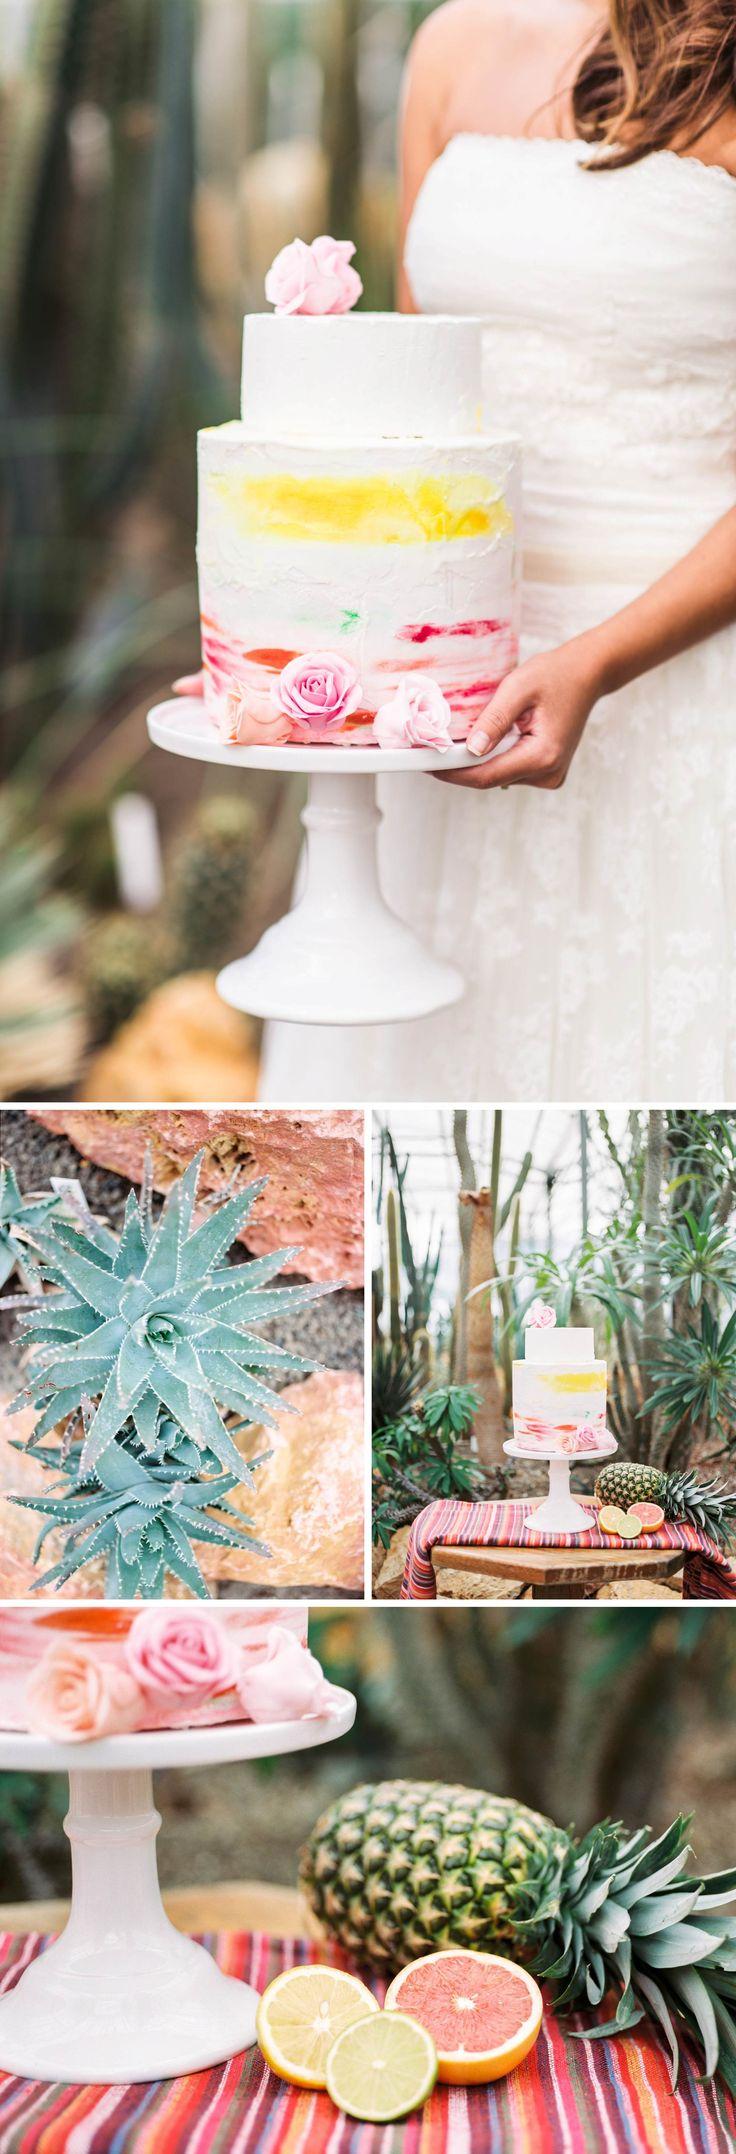 Delicious Wedding Cake, #CincodeMayo themed. www.zwartfotografie.nl